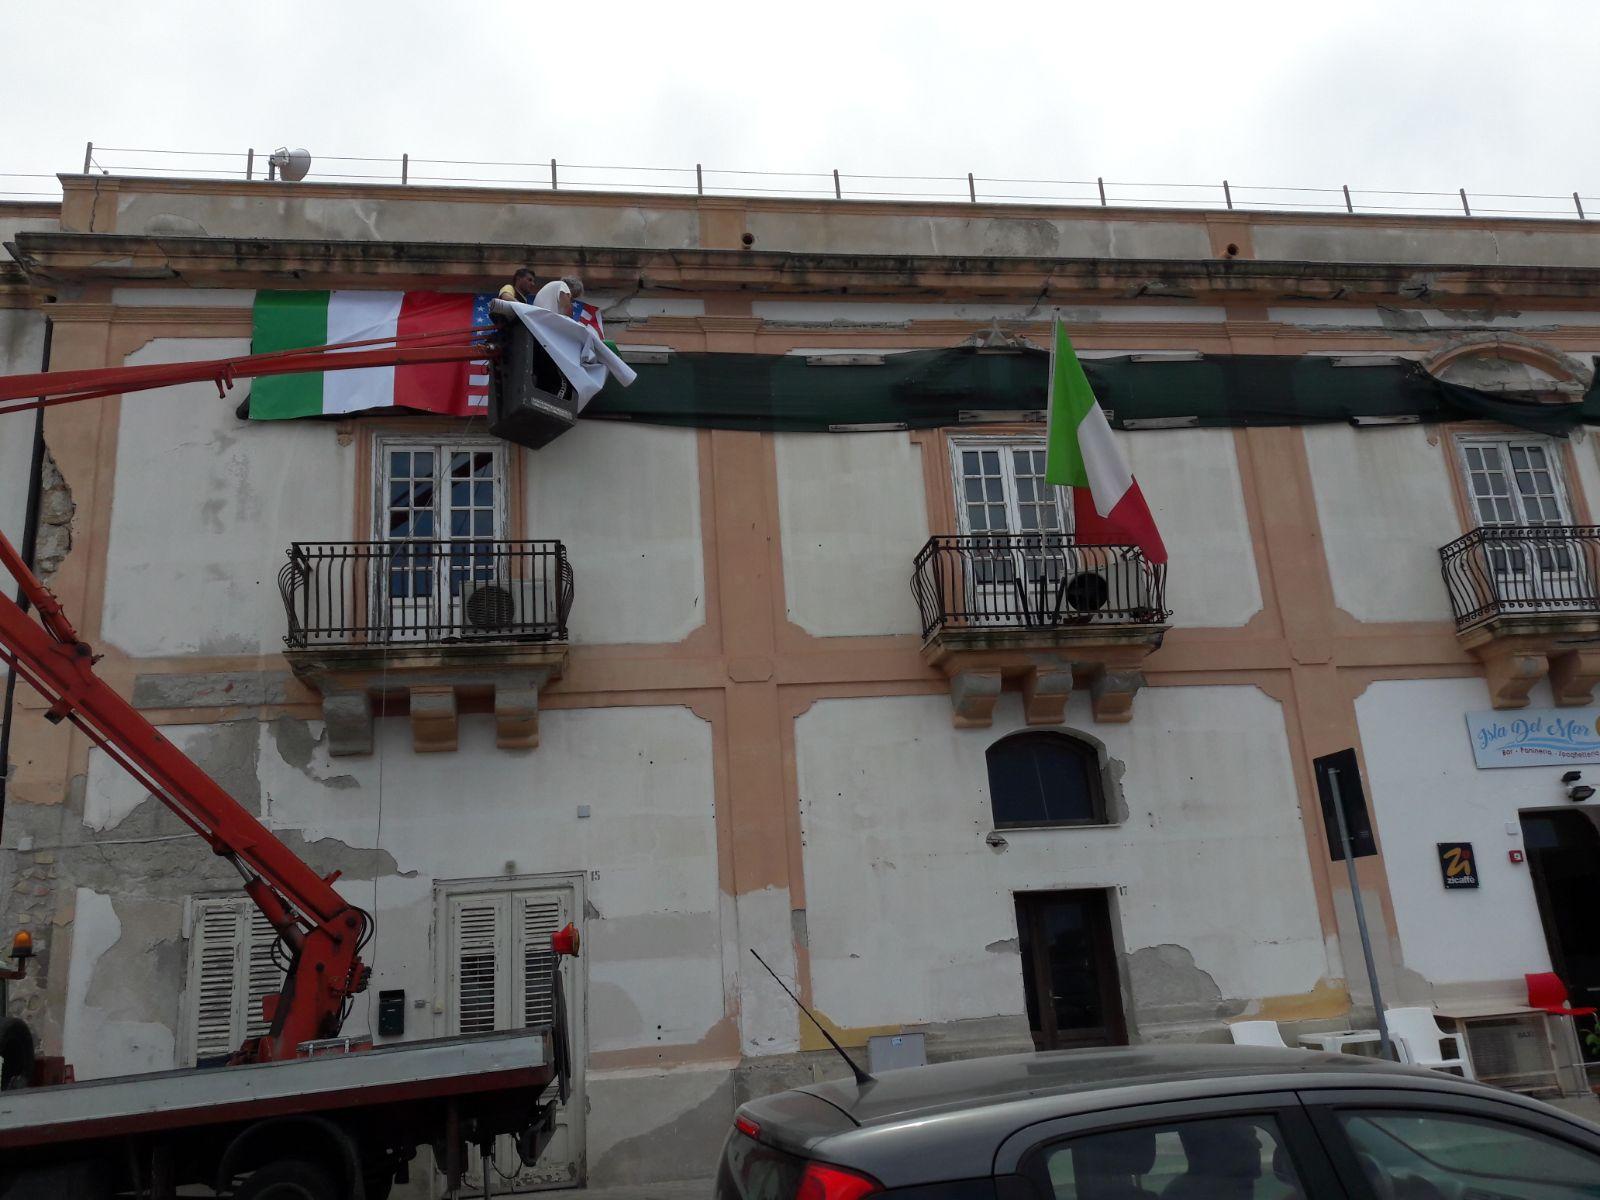 Cominciano i lavori di ristrutturazione del Palazzo Comunale di Isola delle Femmine